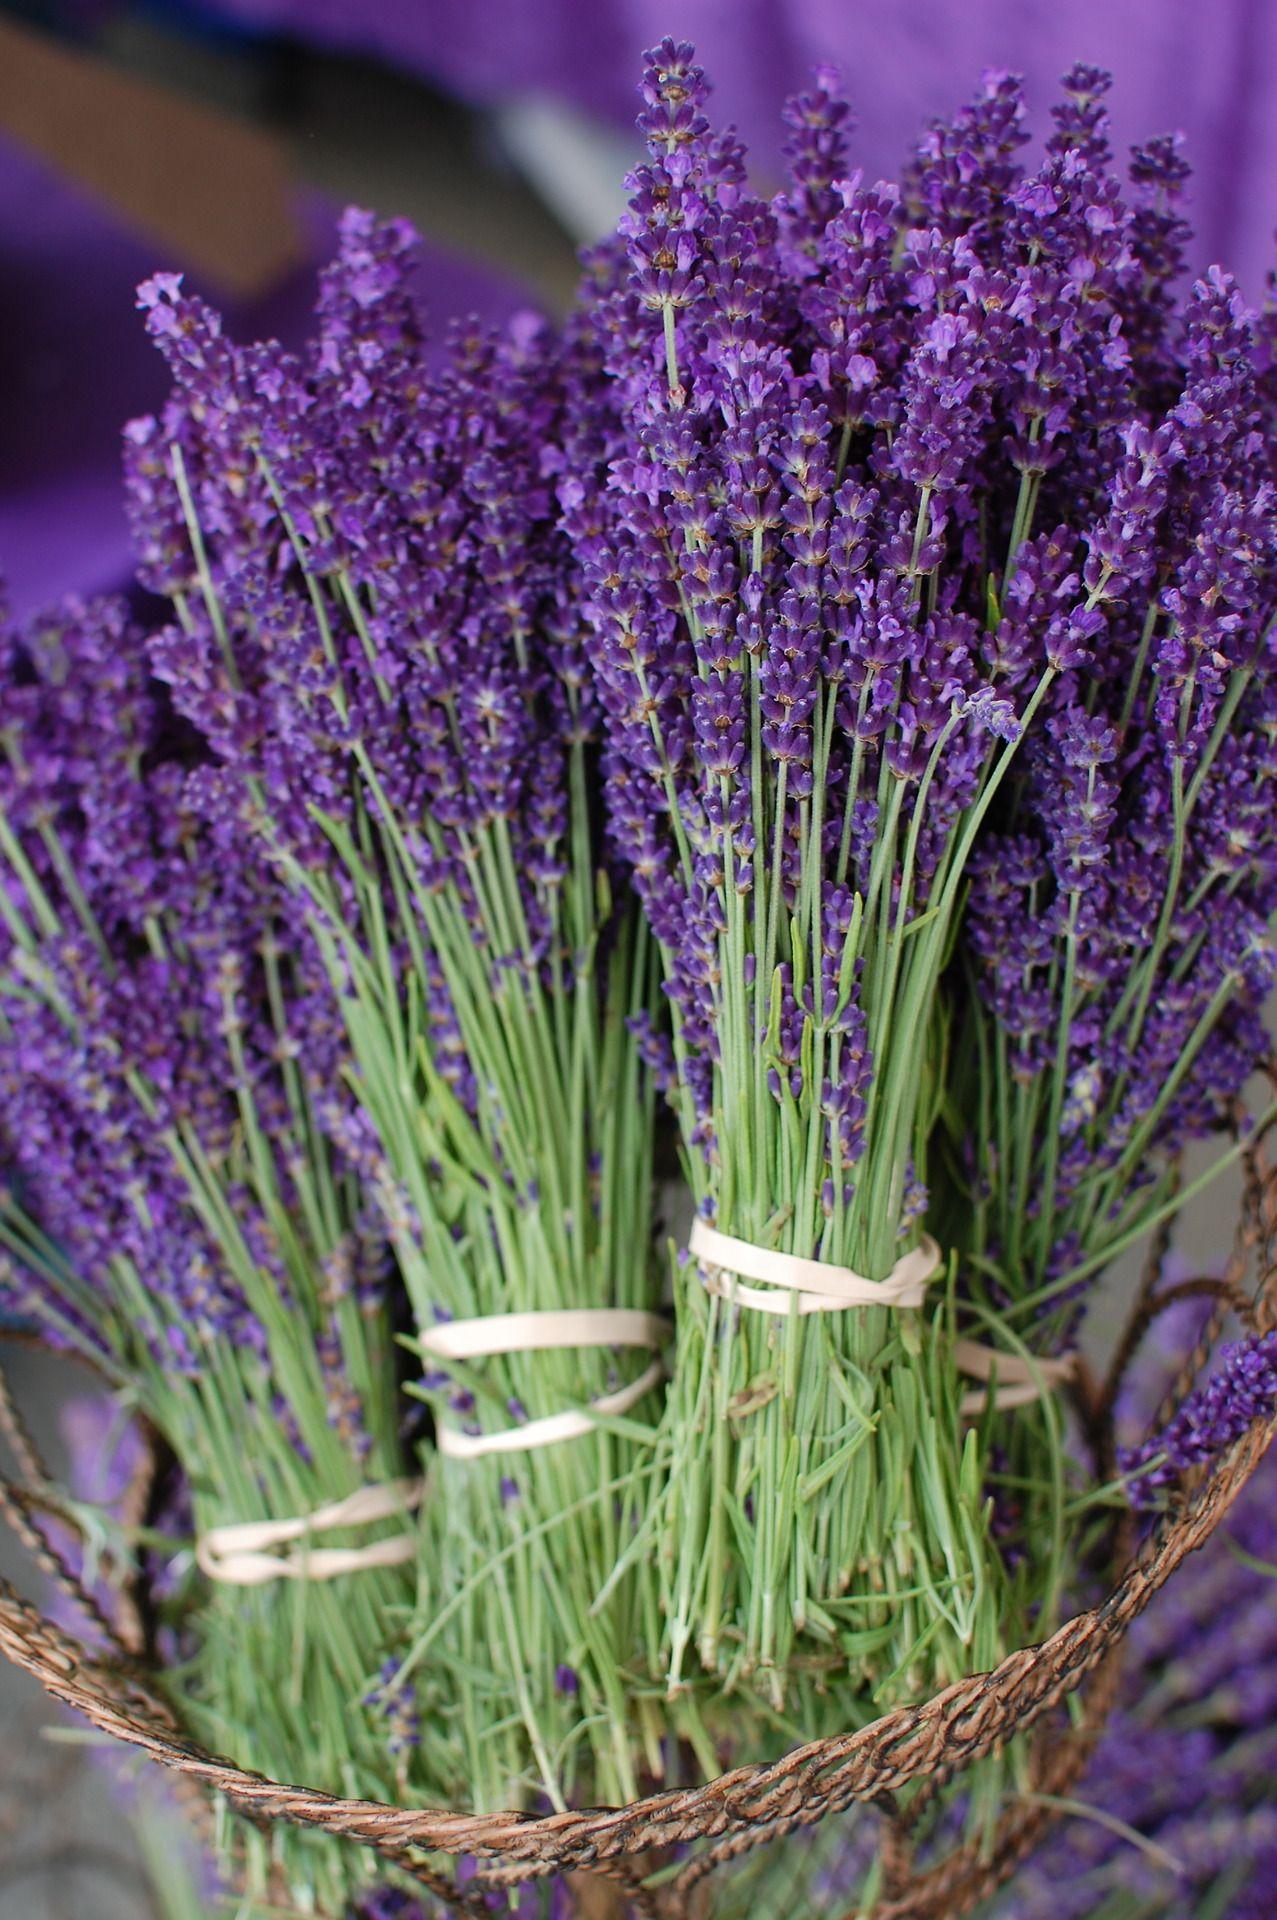 Freue Mich Als Genusshandwerker 2015 Auf Lavendel In Meiner Www Spreewald Kraeutermanufaktur De Lavender Garden Lavender Flowers Lovely Lavender